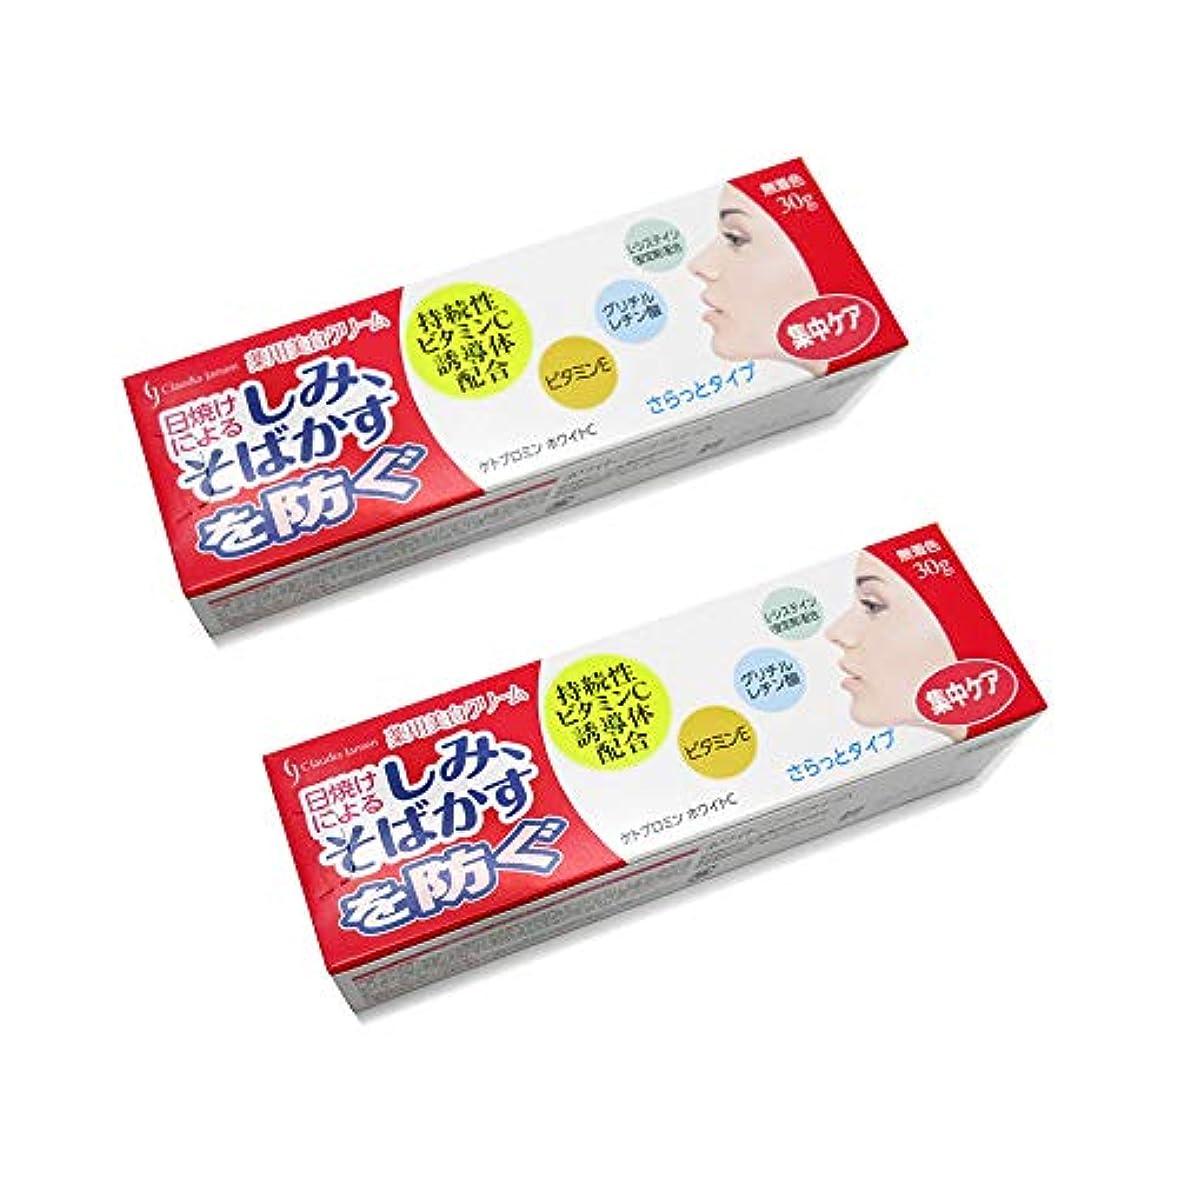 花婿抵抗刻む薬用ホワイトニングクリームC 30g 2個セット 美白クリーム 薬用 美白クリーム 美白ケア 医薬部外品